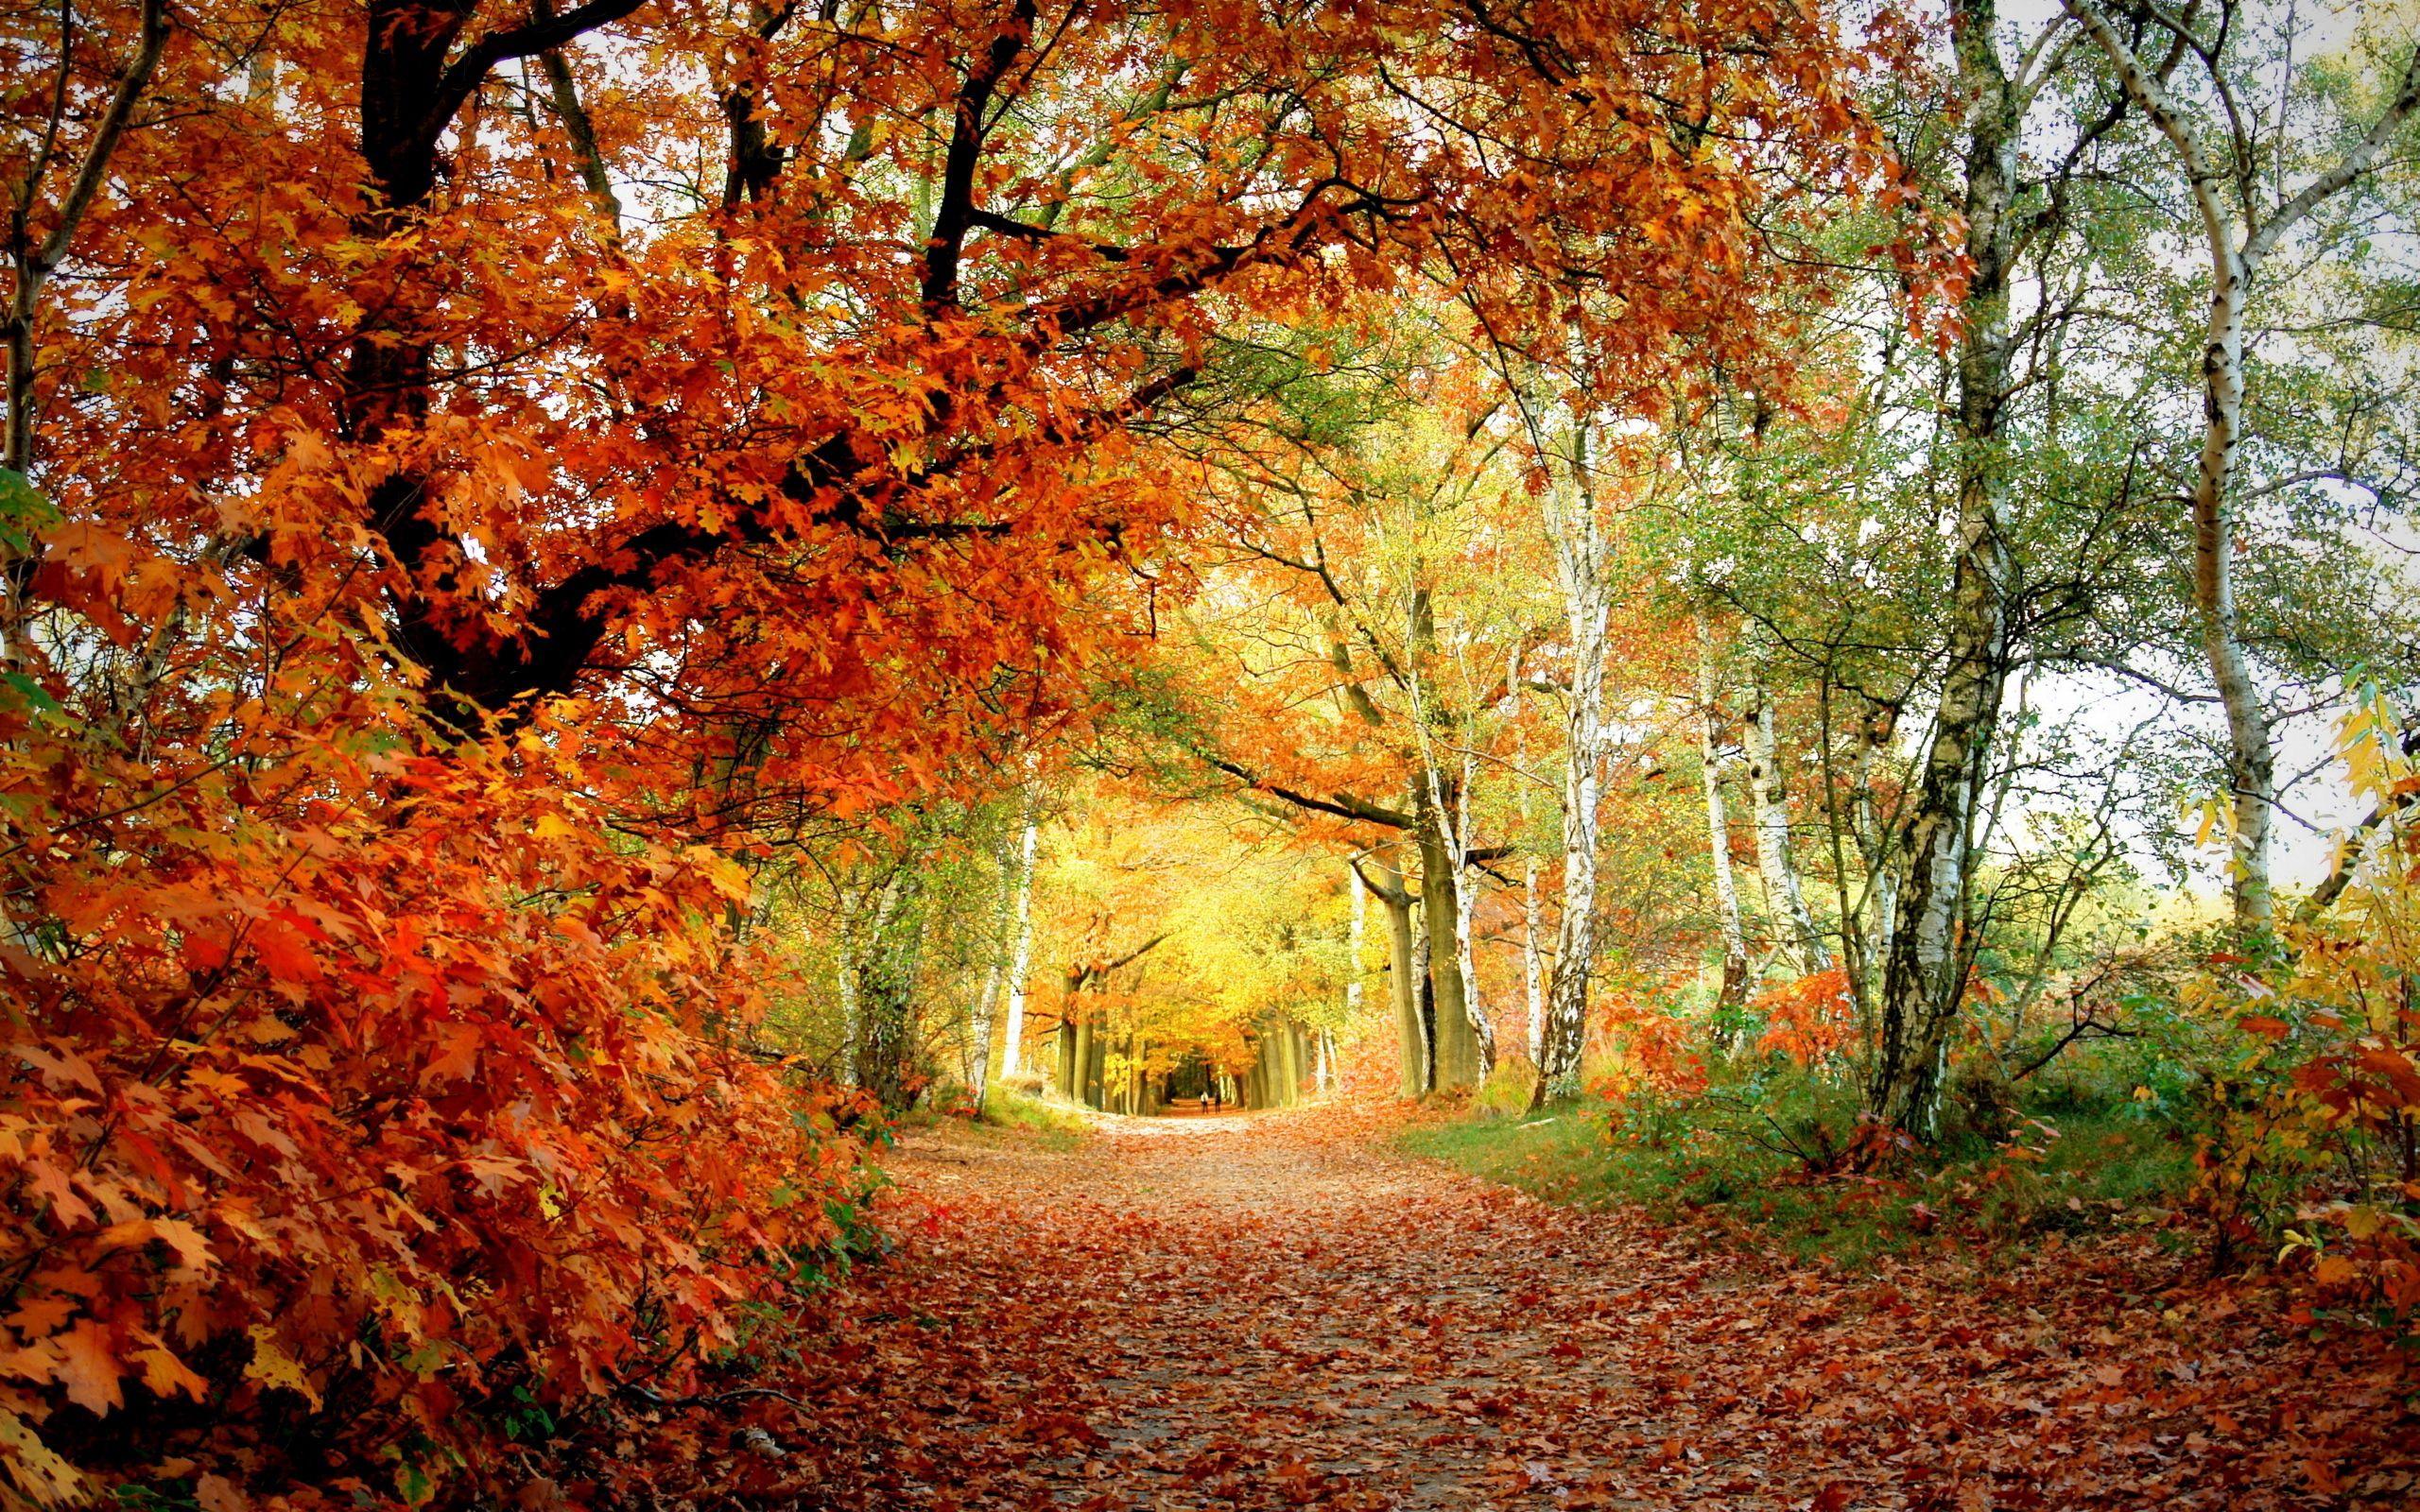 137027 Заставки и Обои Осень на телефон. Скачать Осень, Природа, Деревья, Листья, Березы, Дорожка, Дуб картинки бесплатно